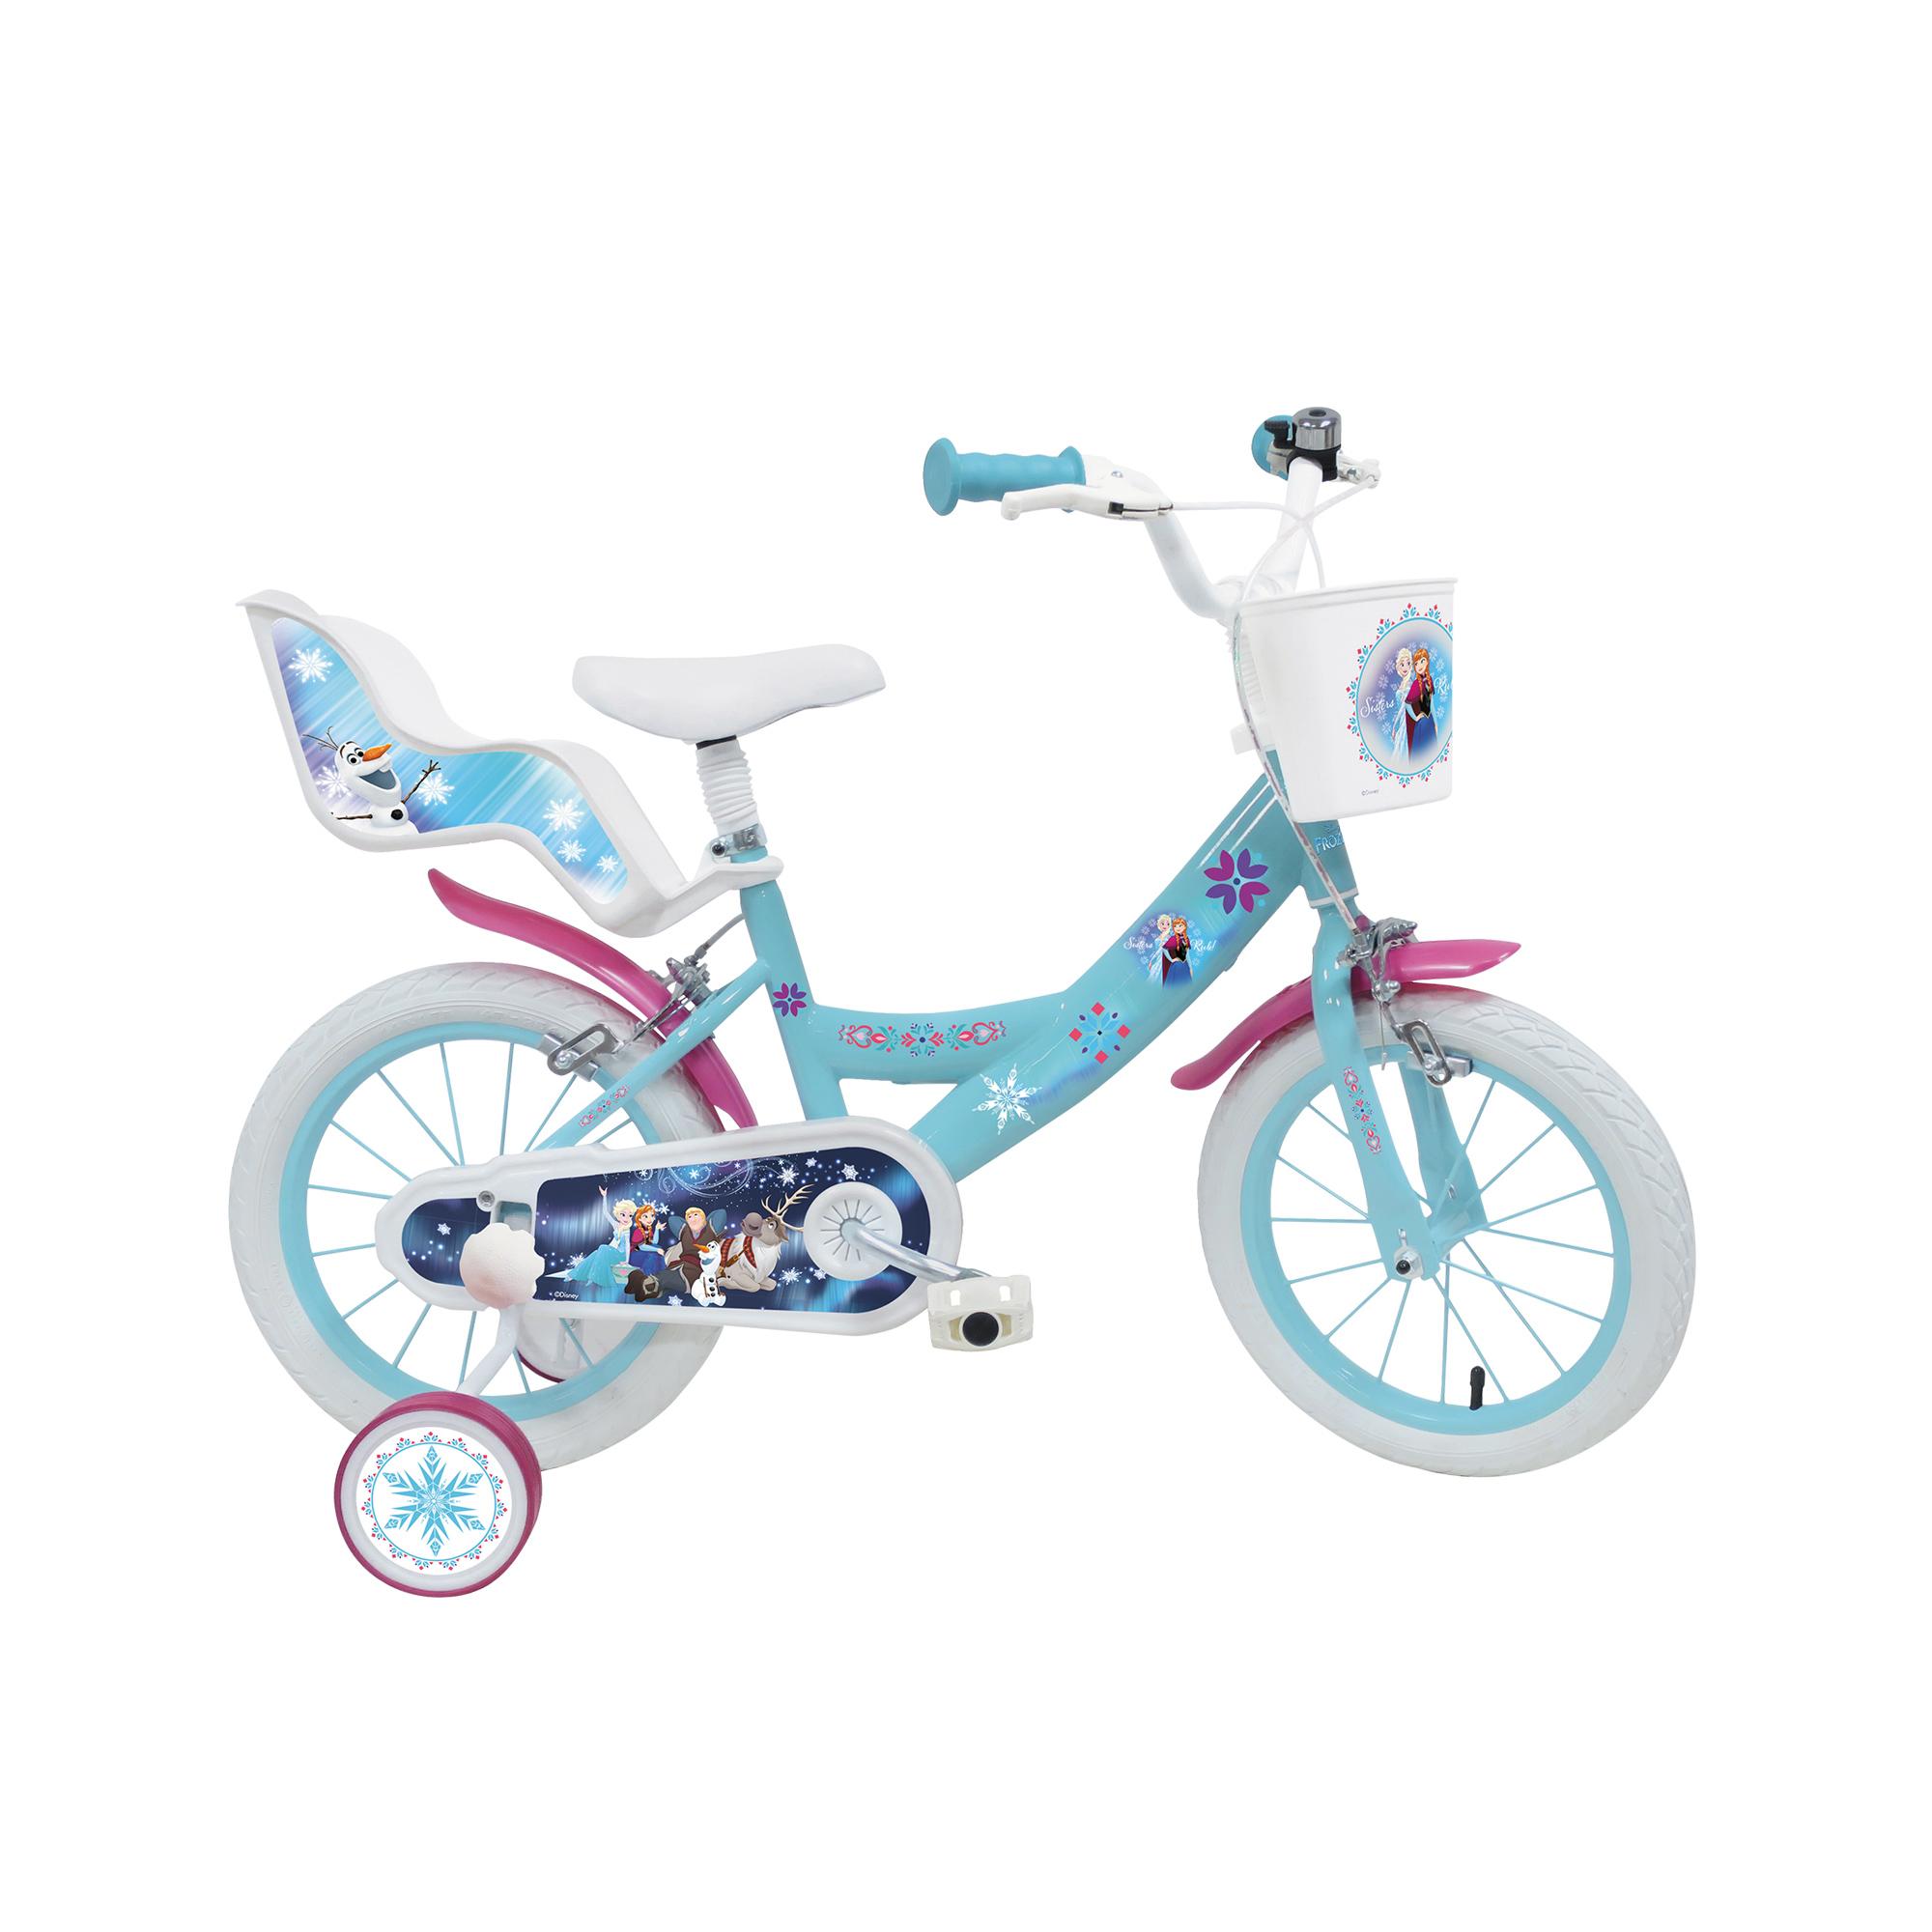 Bici Frozen 14 Bici Tricicli E Giochi Cavalcabili Giochi Allaperto E Sportivi Giocattoli